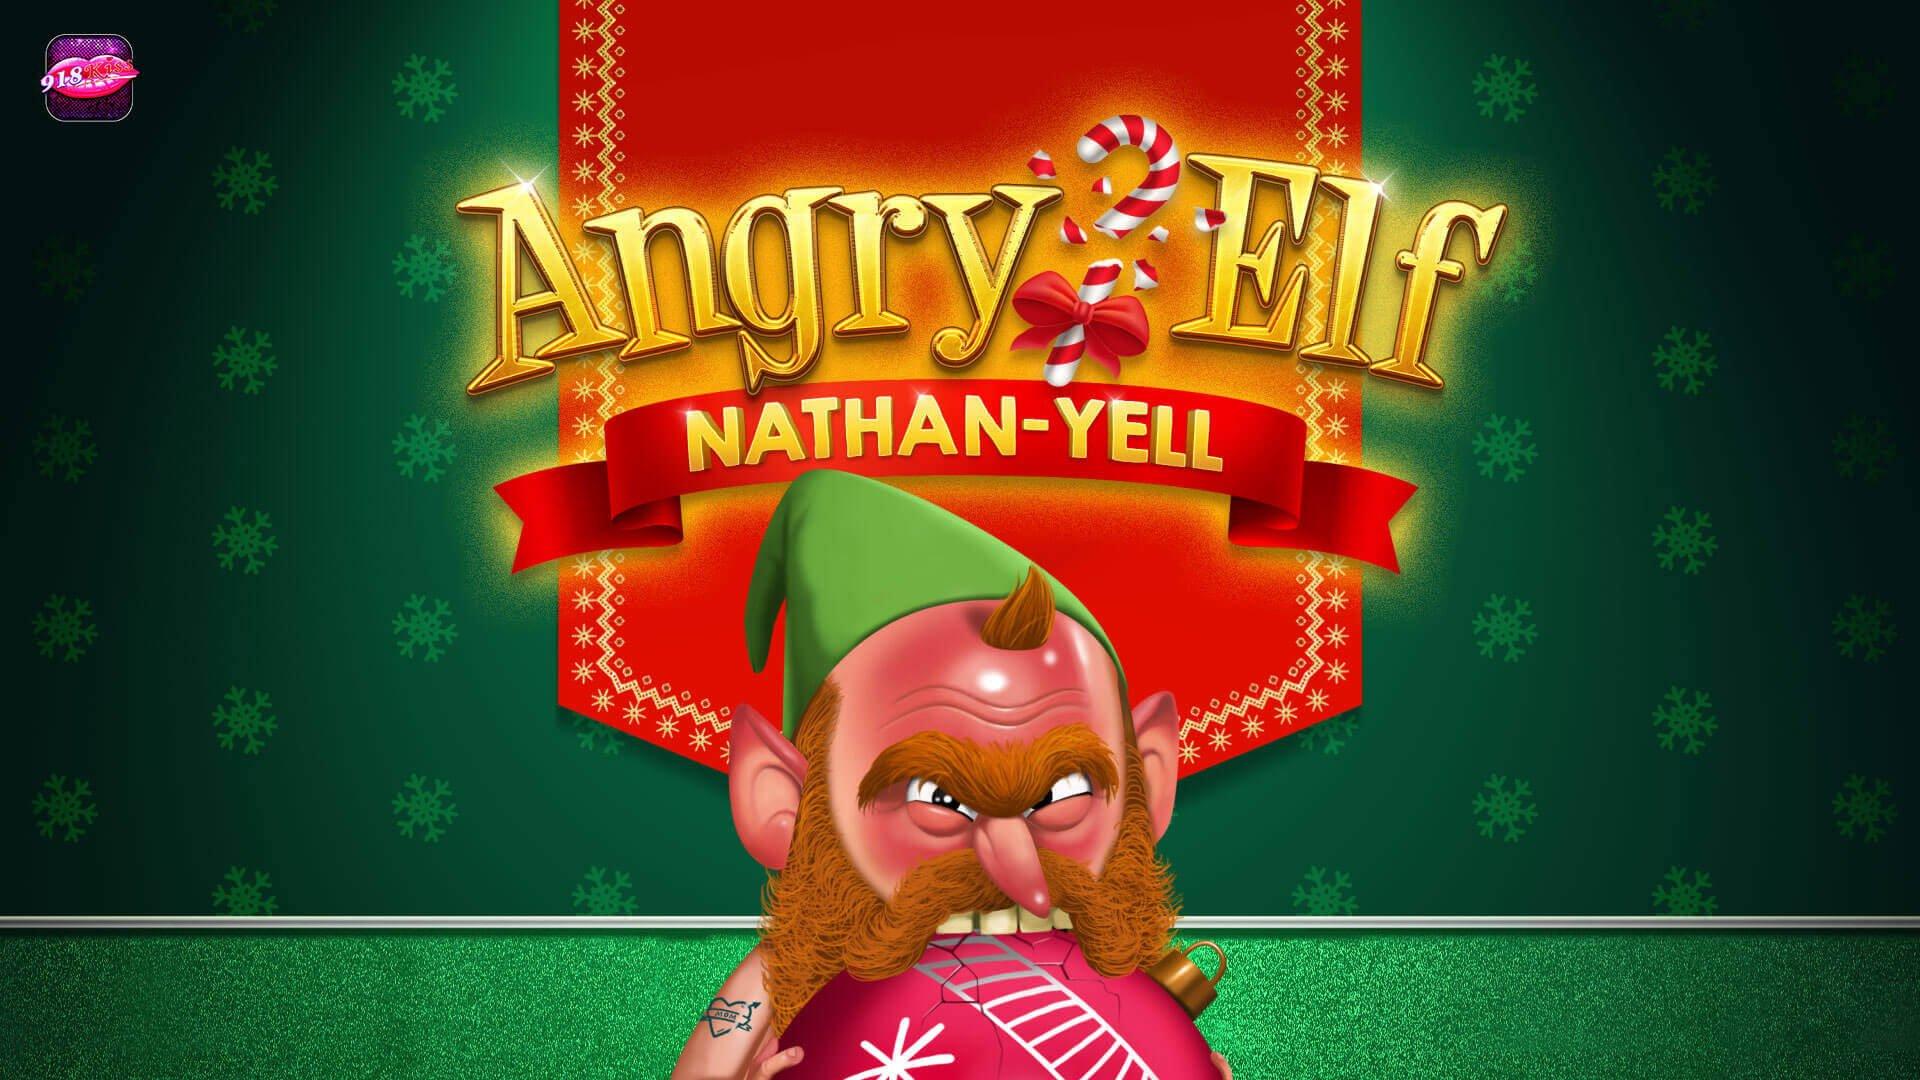 憤怒的精靈 | Angry Elf